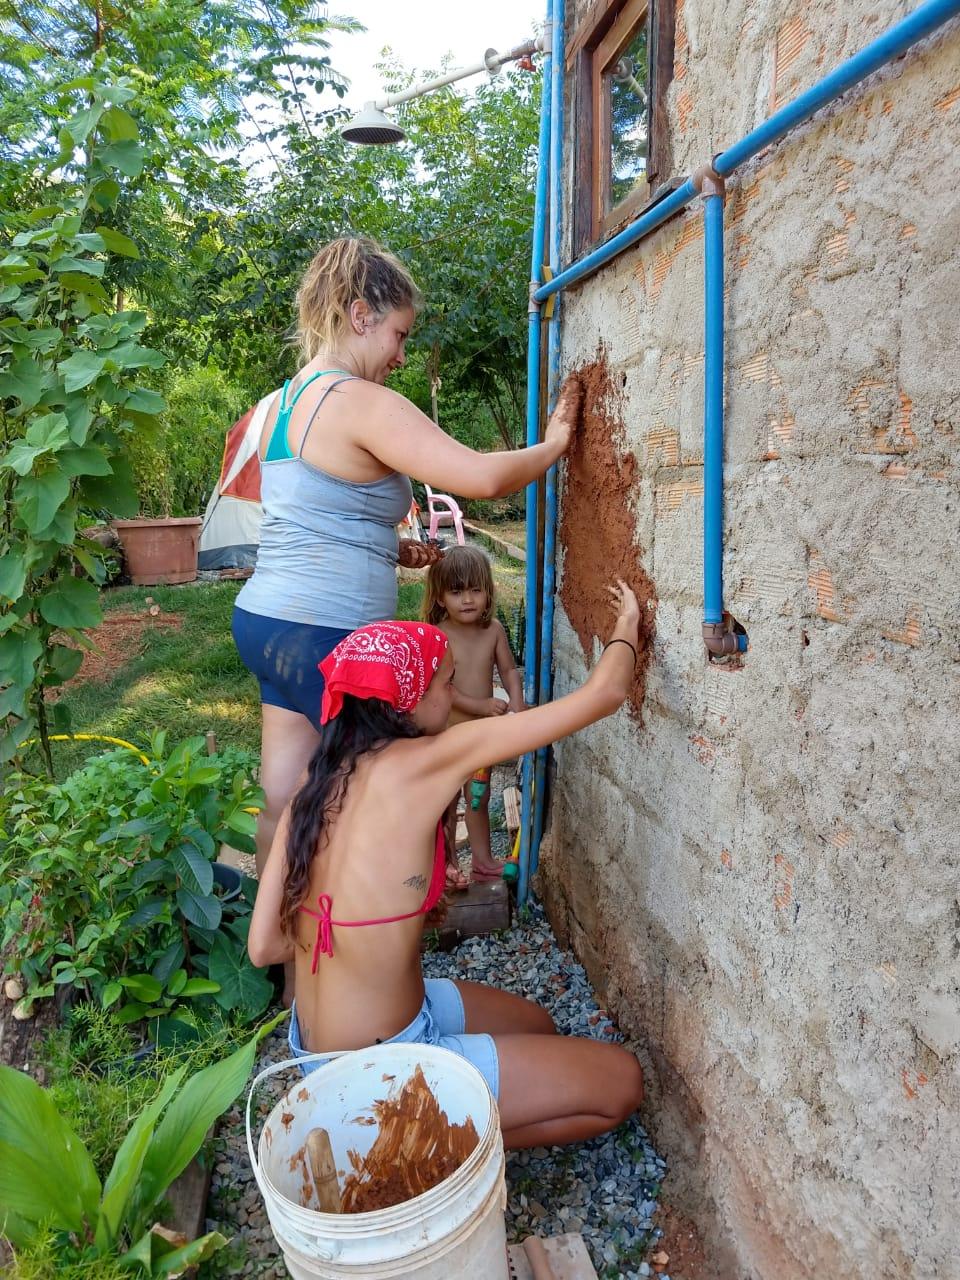 Haciendo un voluntariado en Brasil con Worldpackers - voluntariado en bioconstrucción